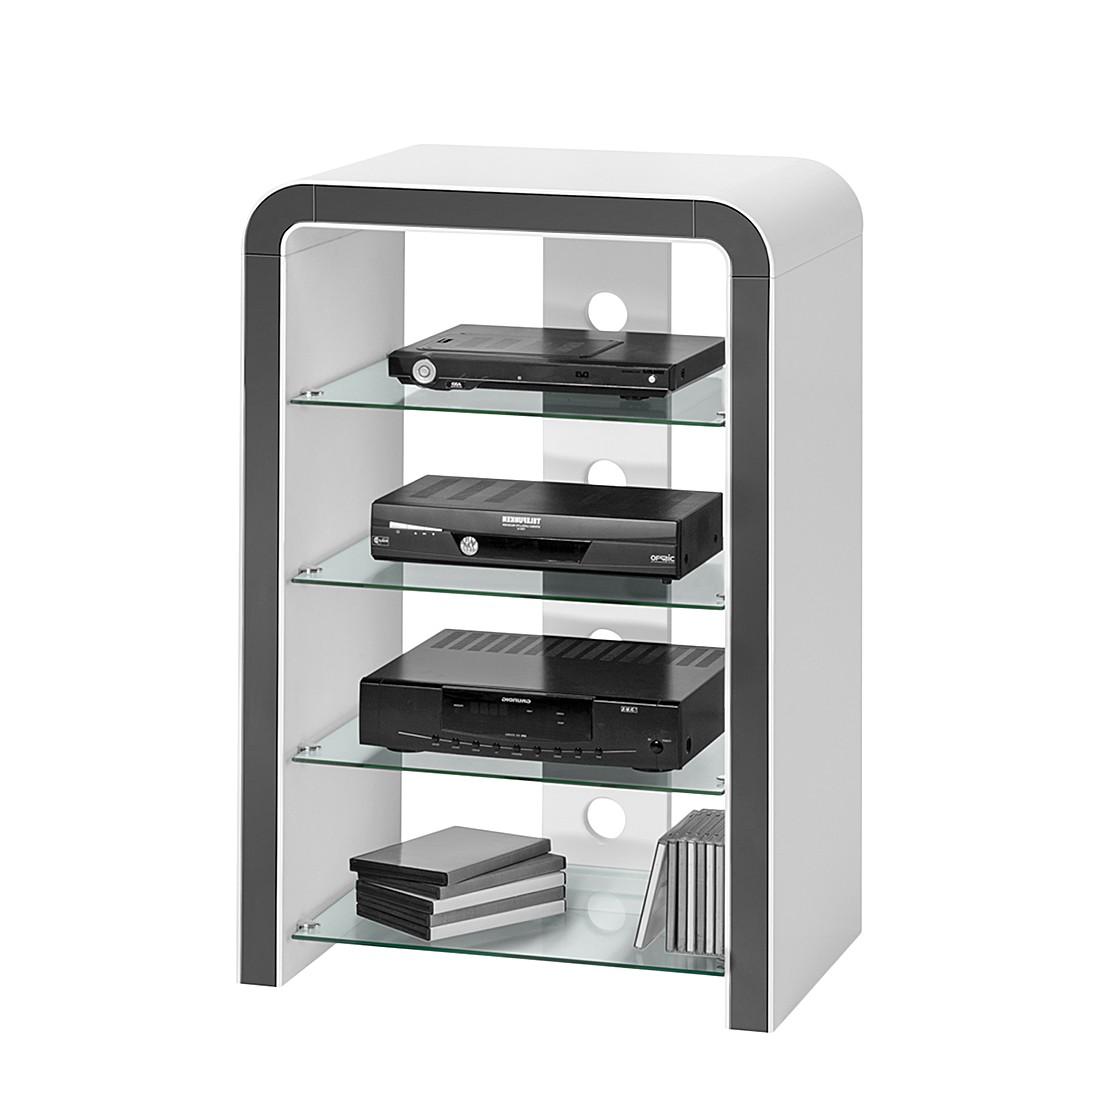 Meuble tv meuble blanc tv hauteur 60 cm meuble blanc tv for Meuble tv hauteur 60 cm